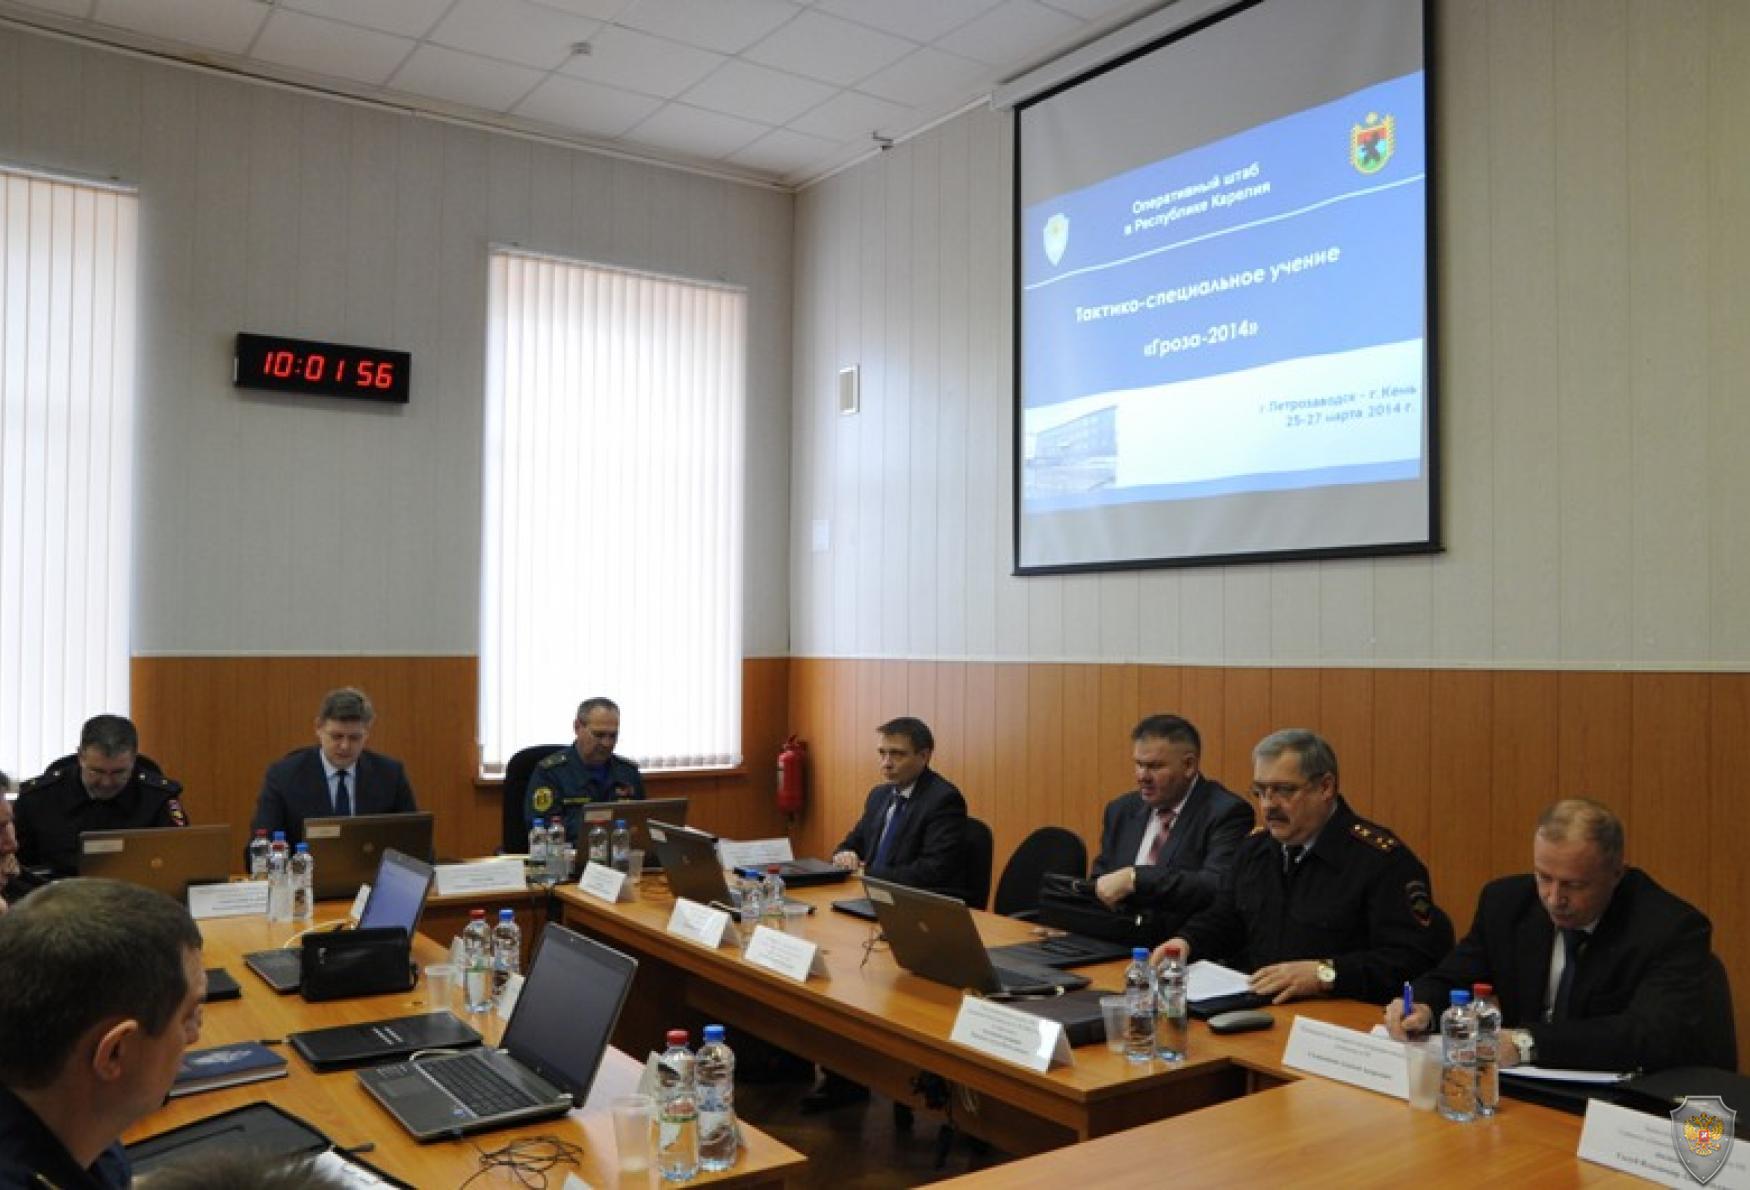 27 марта 2014 года проведено учение по пресечению террористического акта на объекте органов власти.